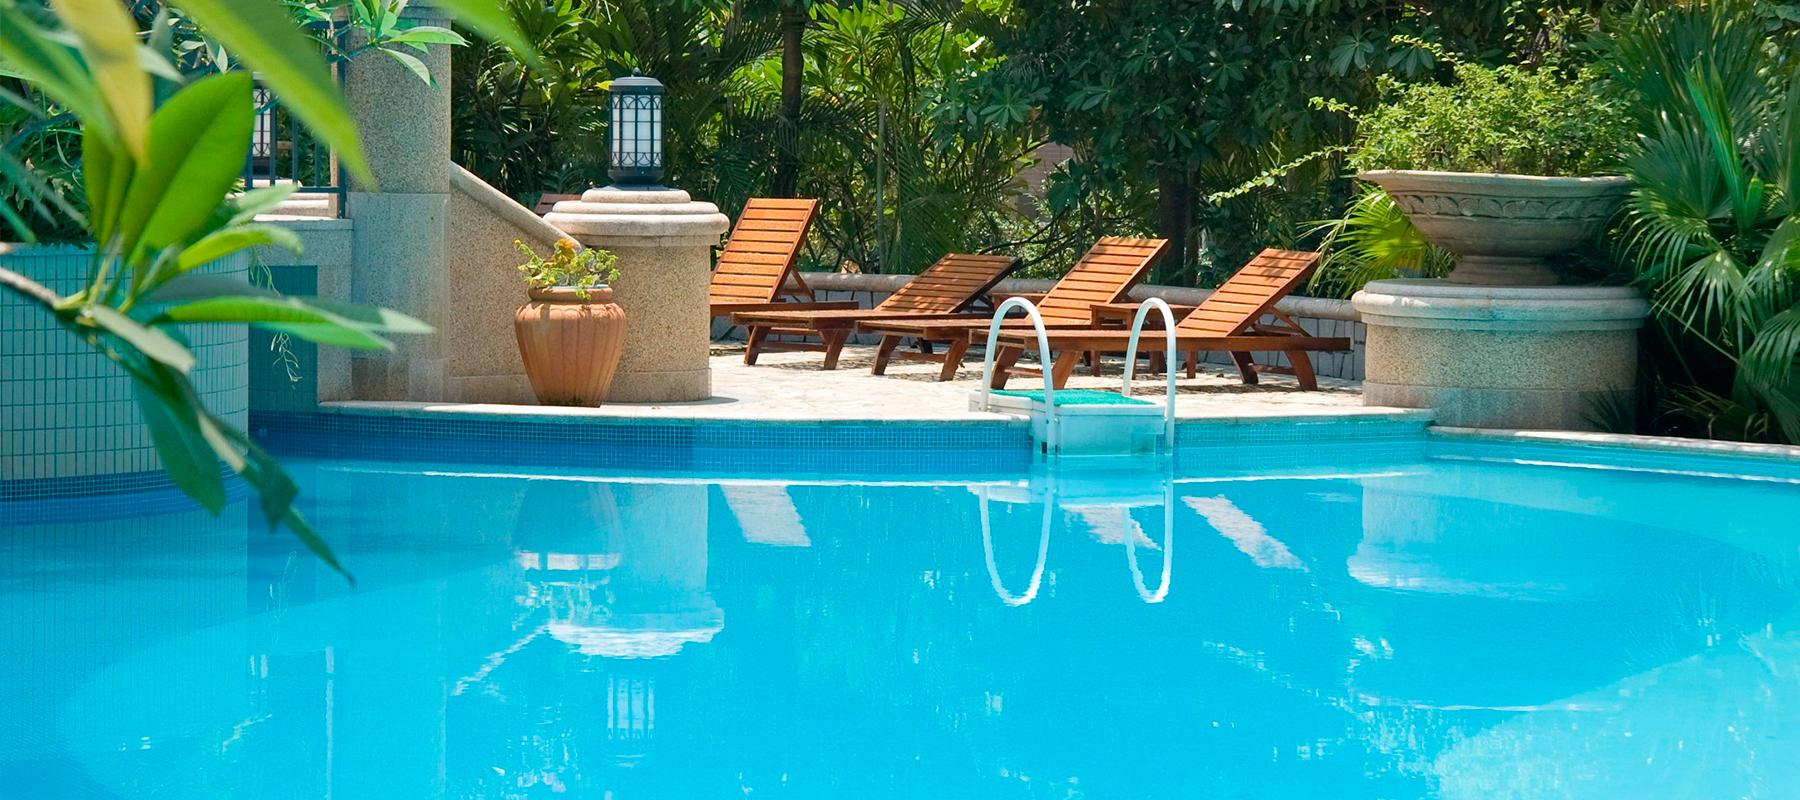 Mantenimiento de piscinas granagua empresa dedicada al - Mantenimiento de piscinas ...